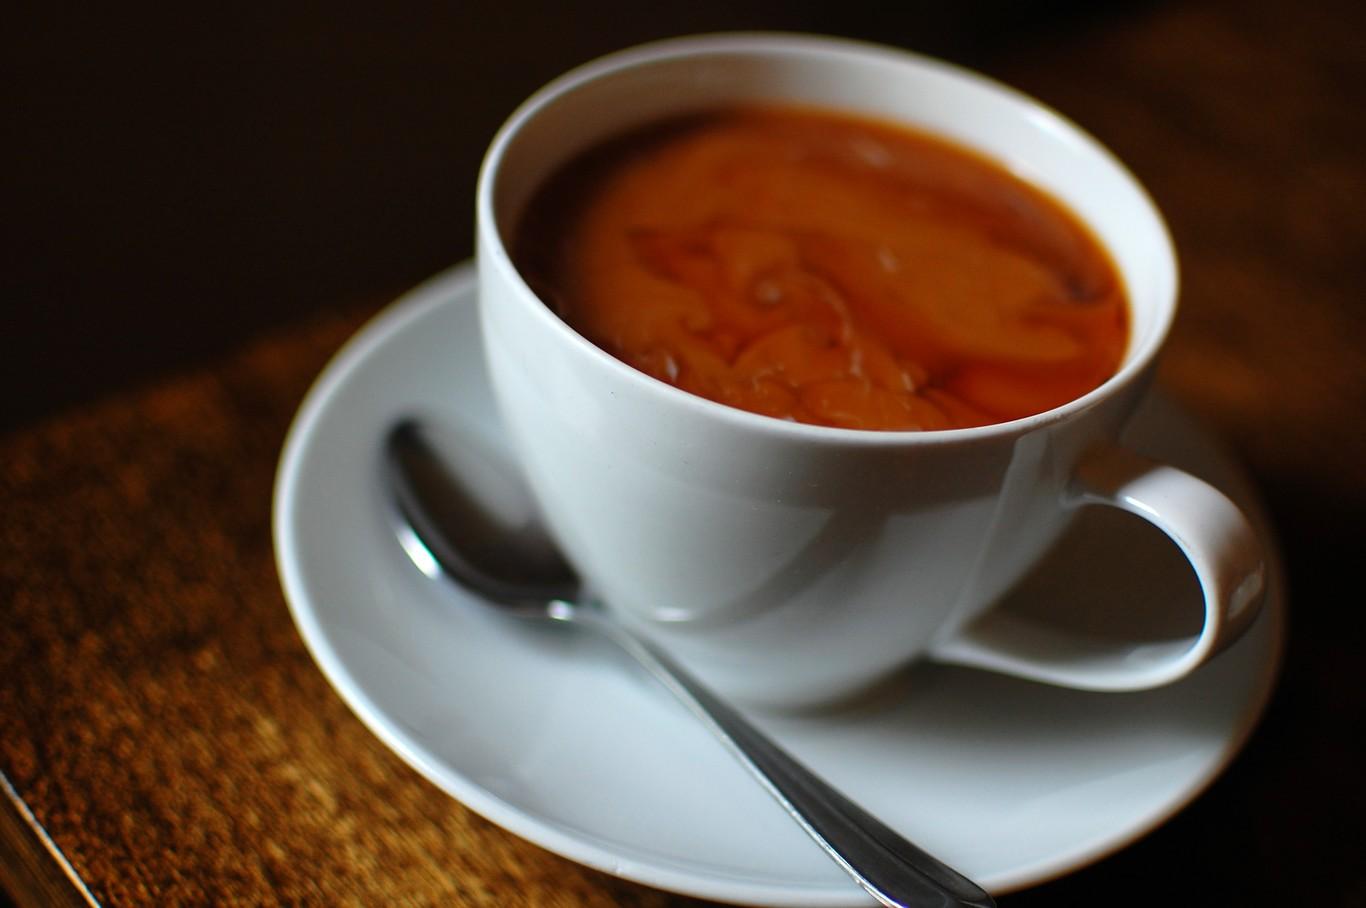 Nos gusta más el café en función de las variantes genéticas que afectan nuestra sensibilidad a sustancias amargas